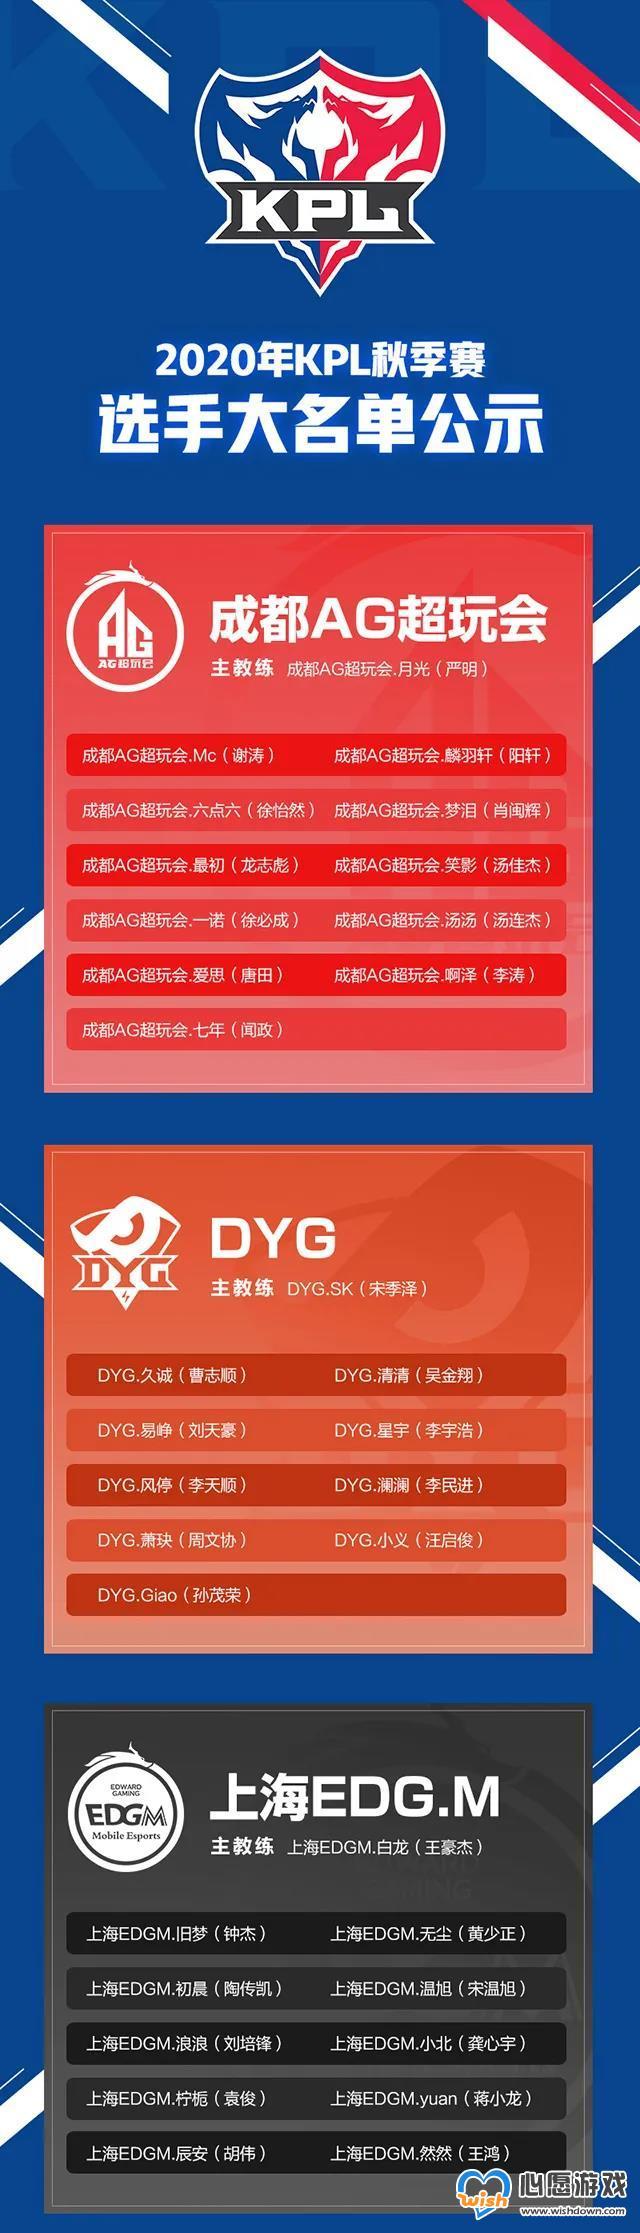 王者荣耀2020KPL秋季赛选手名单一览